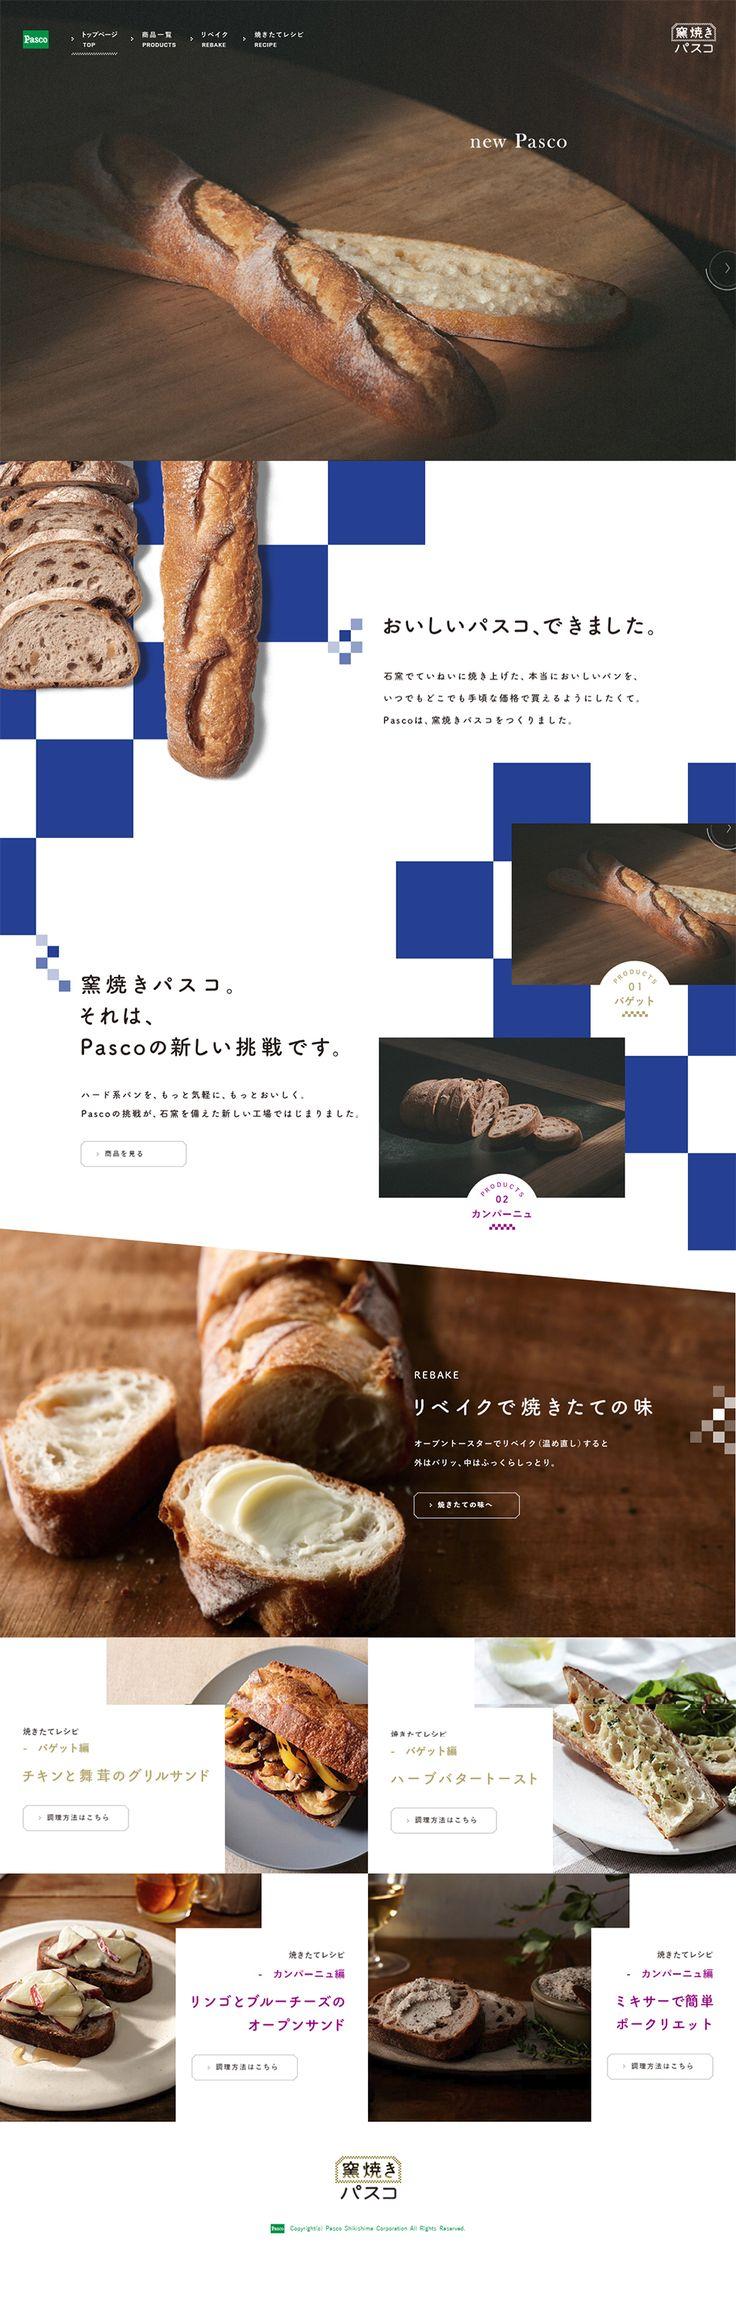 敷島製パン株式会社様の「窯焼きパスコ」のランディングページ(LP)シンプル系|食品 #LP #ランディングページ #ランペ #窯焼きパスコ